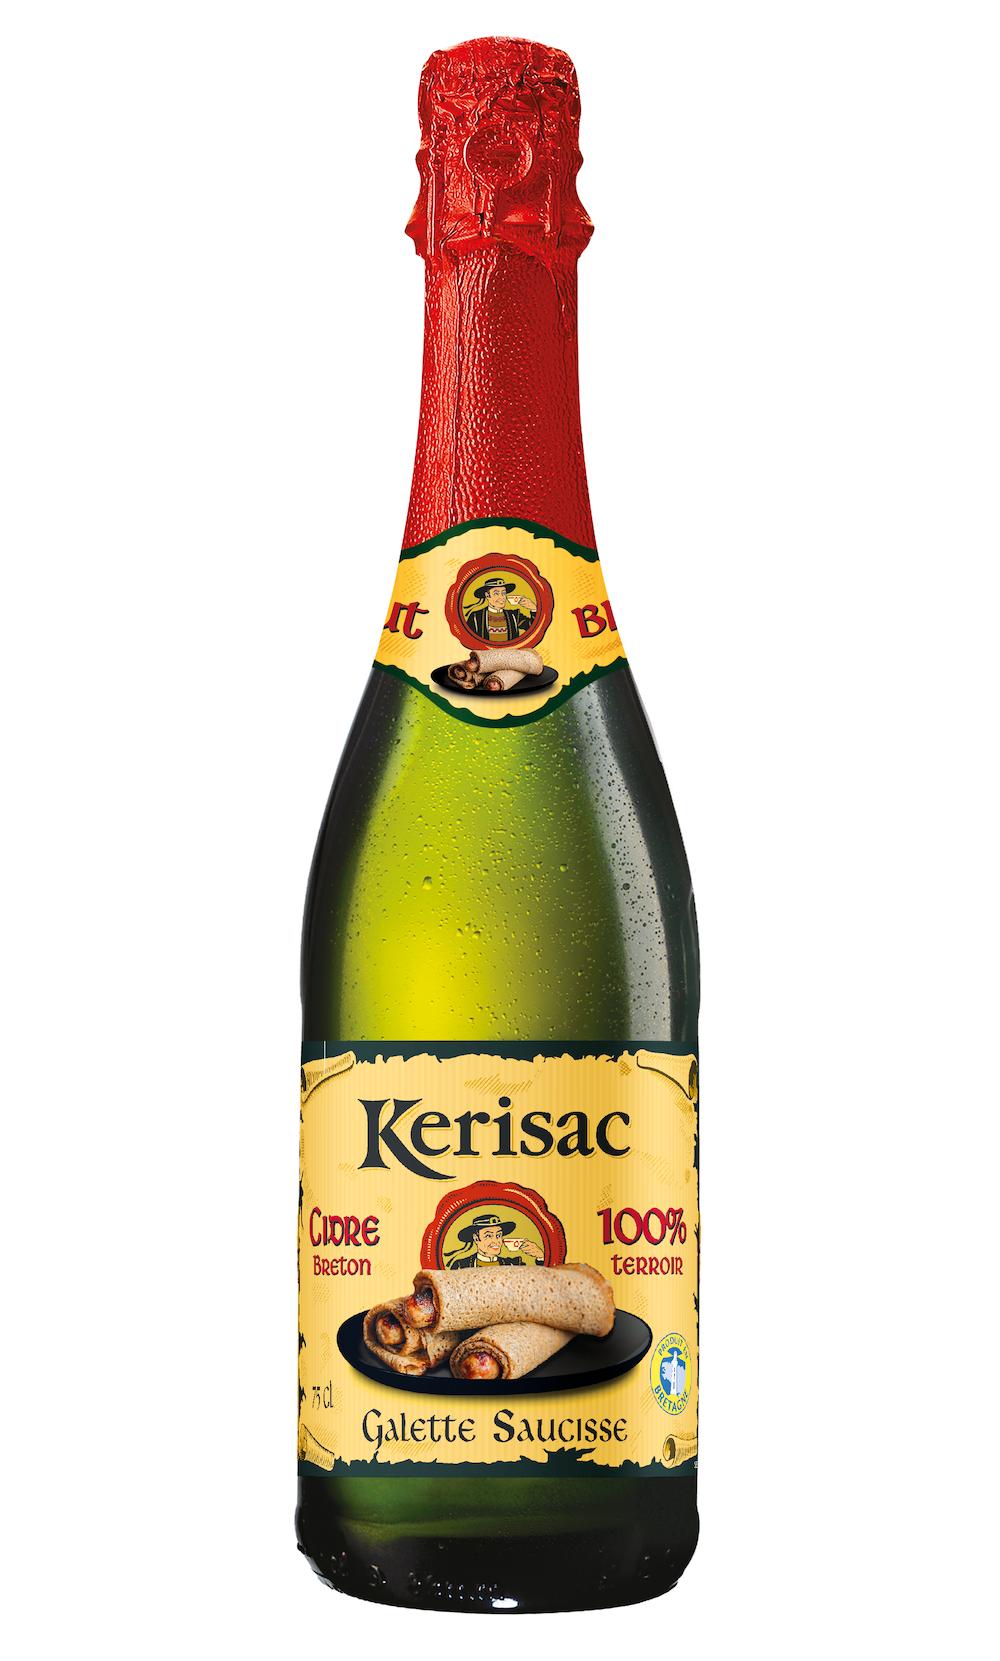 Kerisac dévoile un cidre à la galette-saucisse pour les (vrais) Bretons